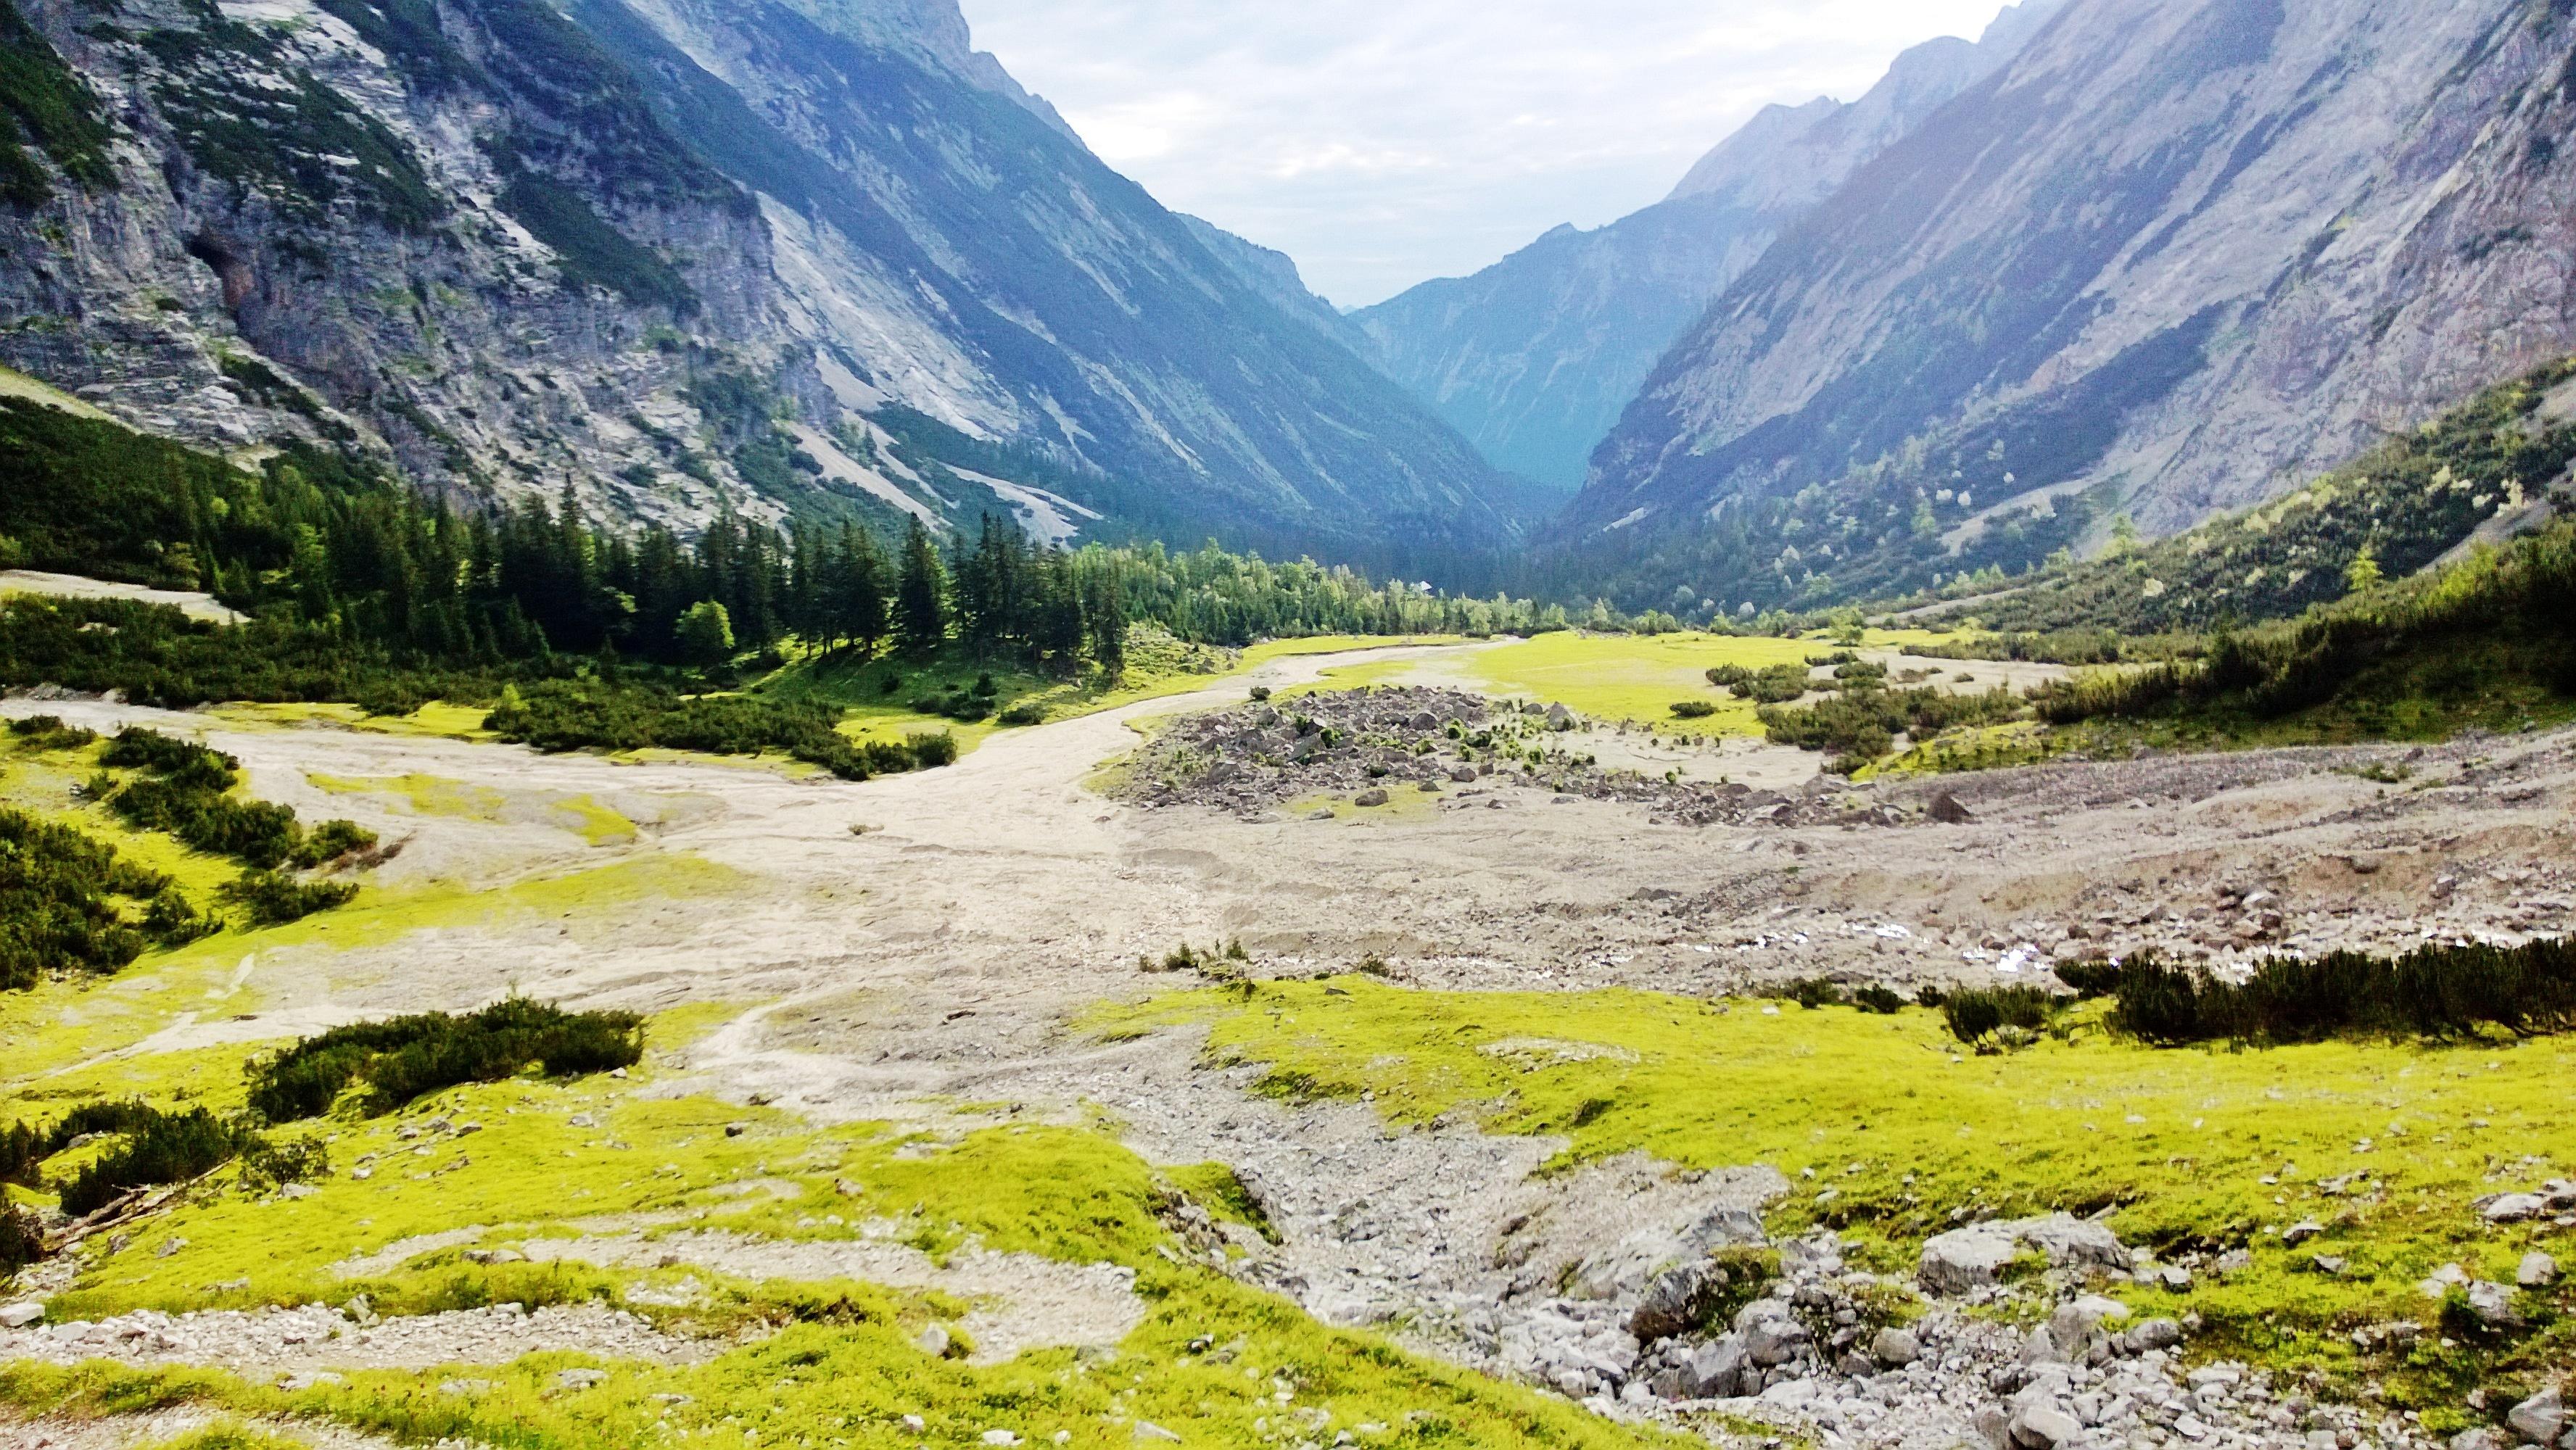 Blick in das Reintal am Fuße der Zugspitze